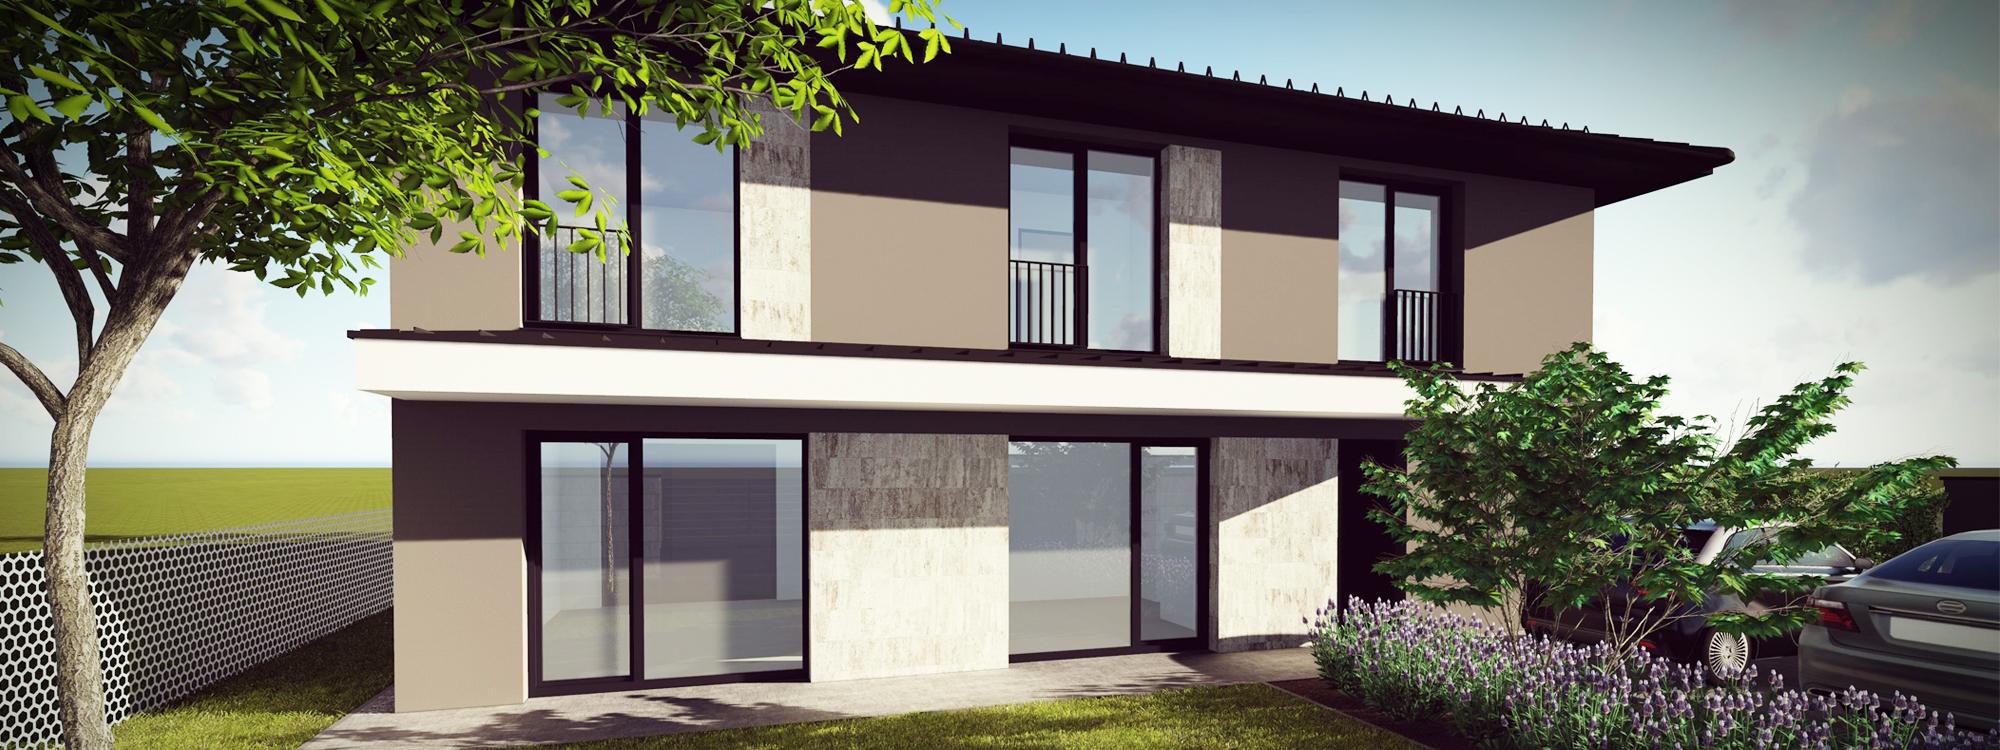 Luxus kivitelű panorámás újépítésű ikerház Rákosligeten eladó